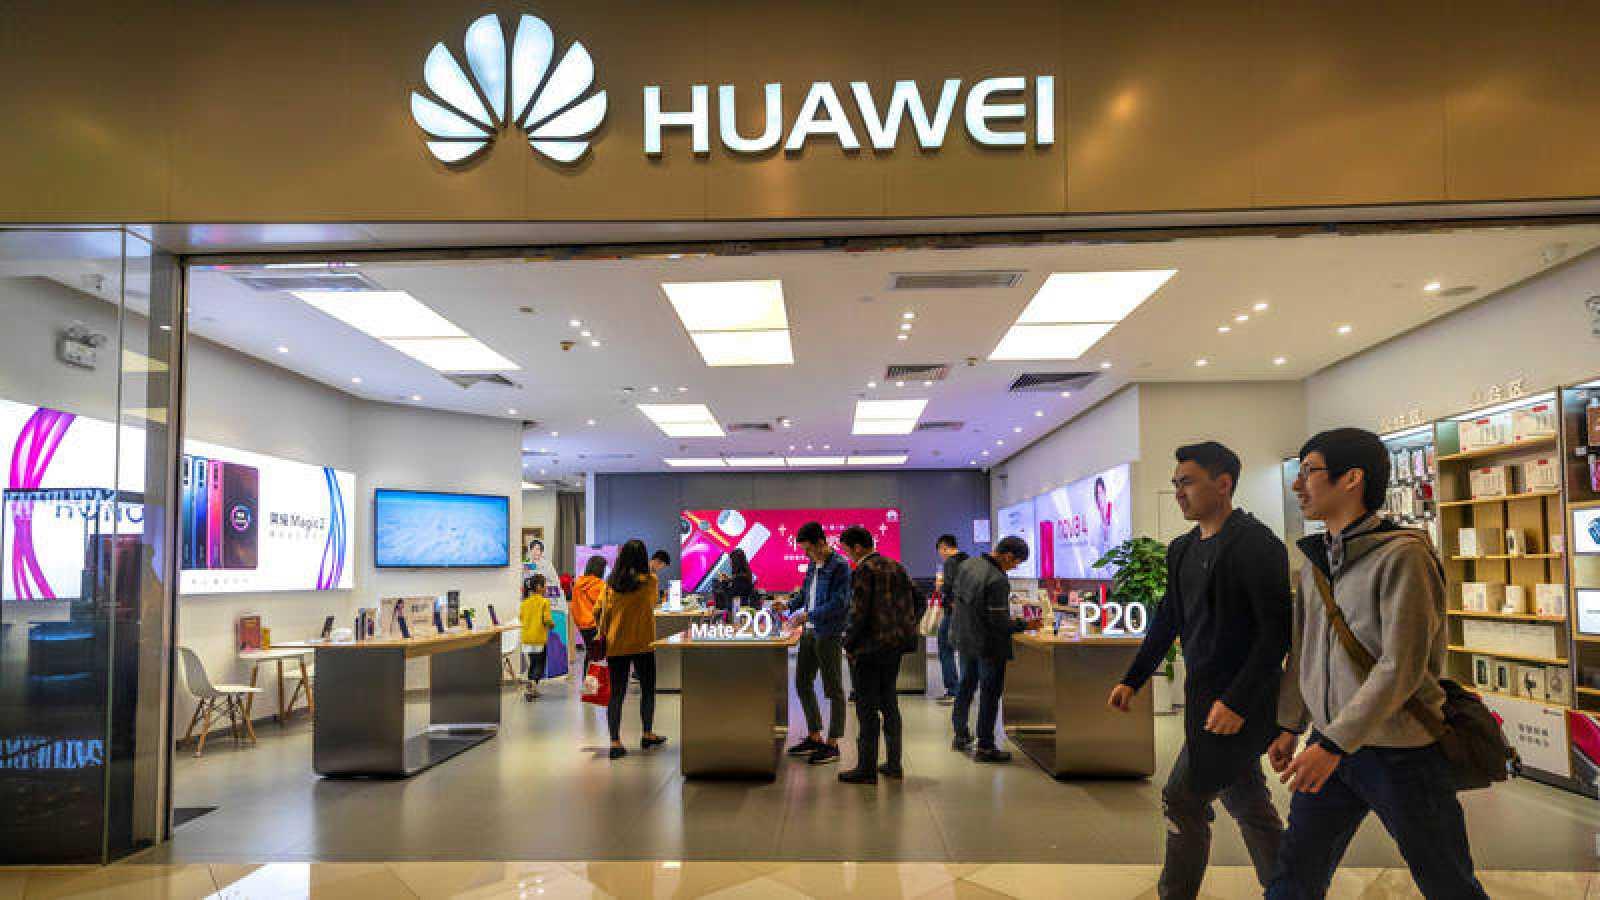 Dos hombres caminan frente a una tienda de Huawei.